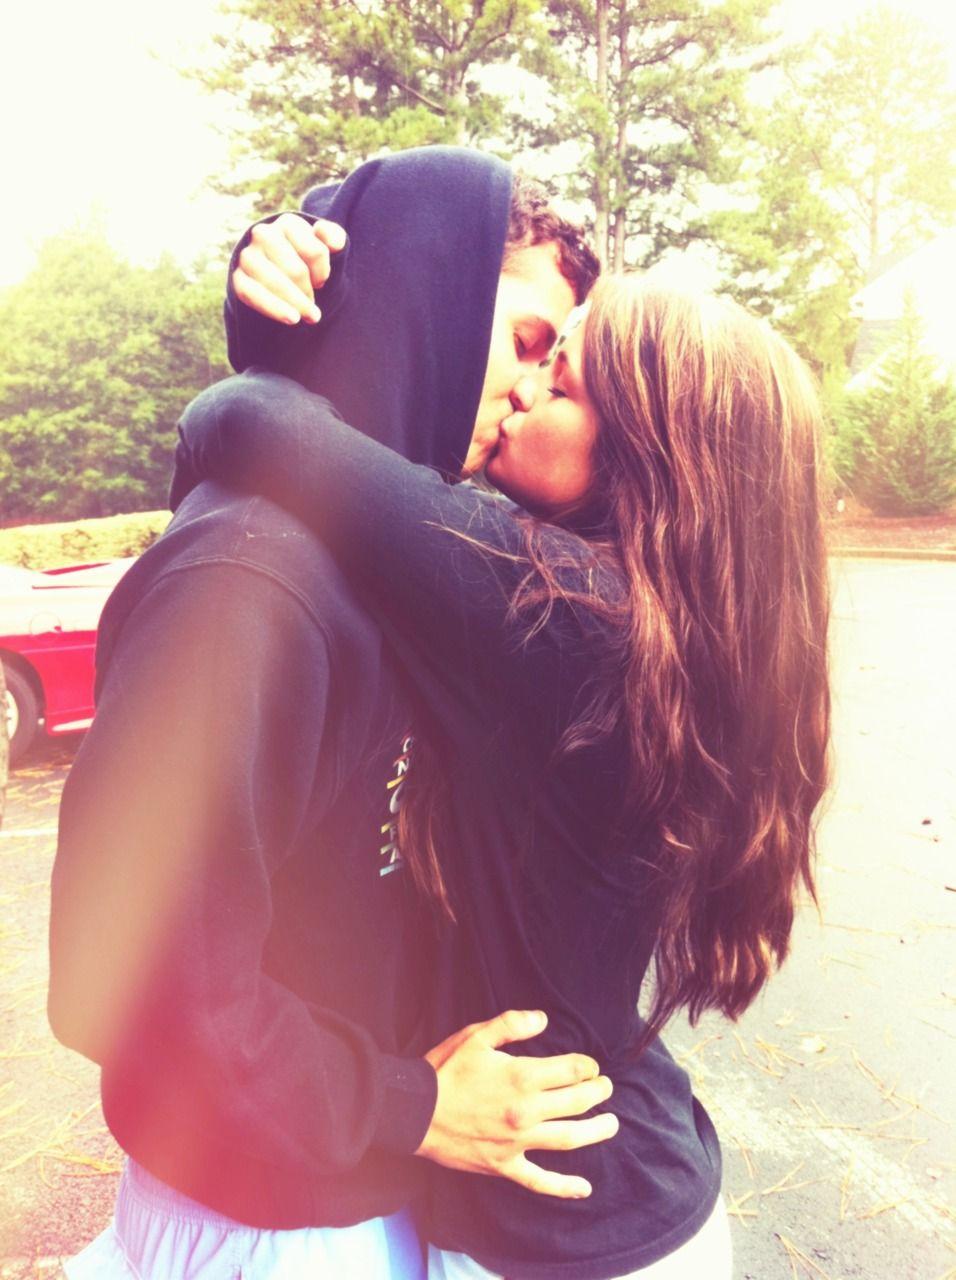 Фото как девушка целуется 11 фотография